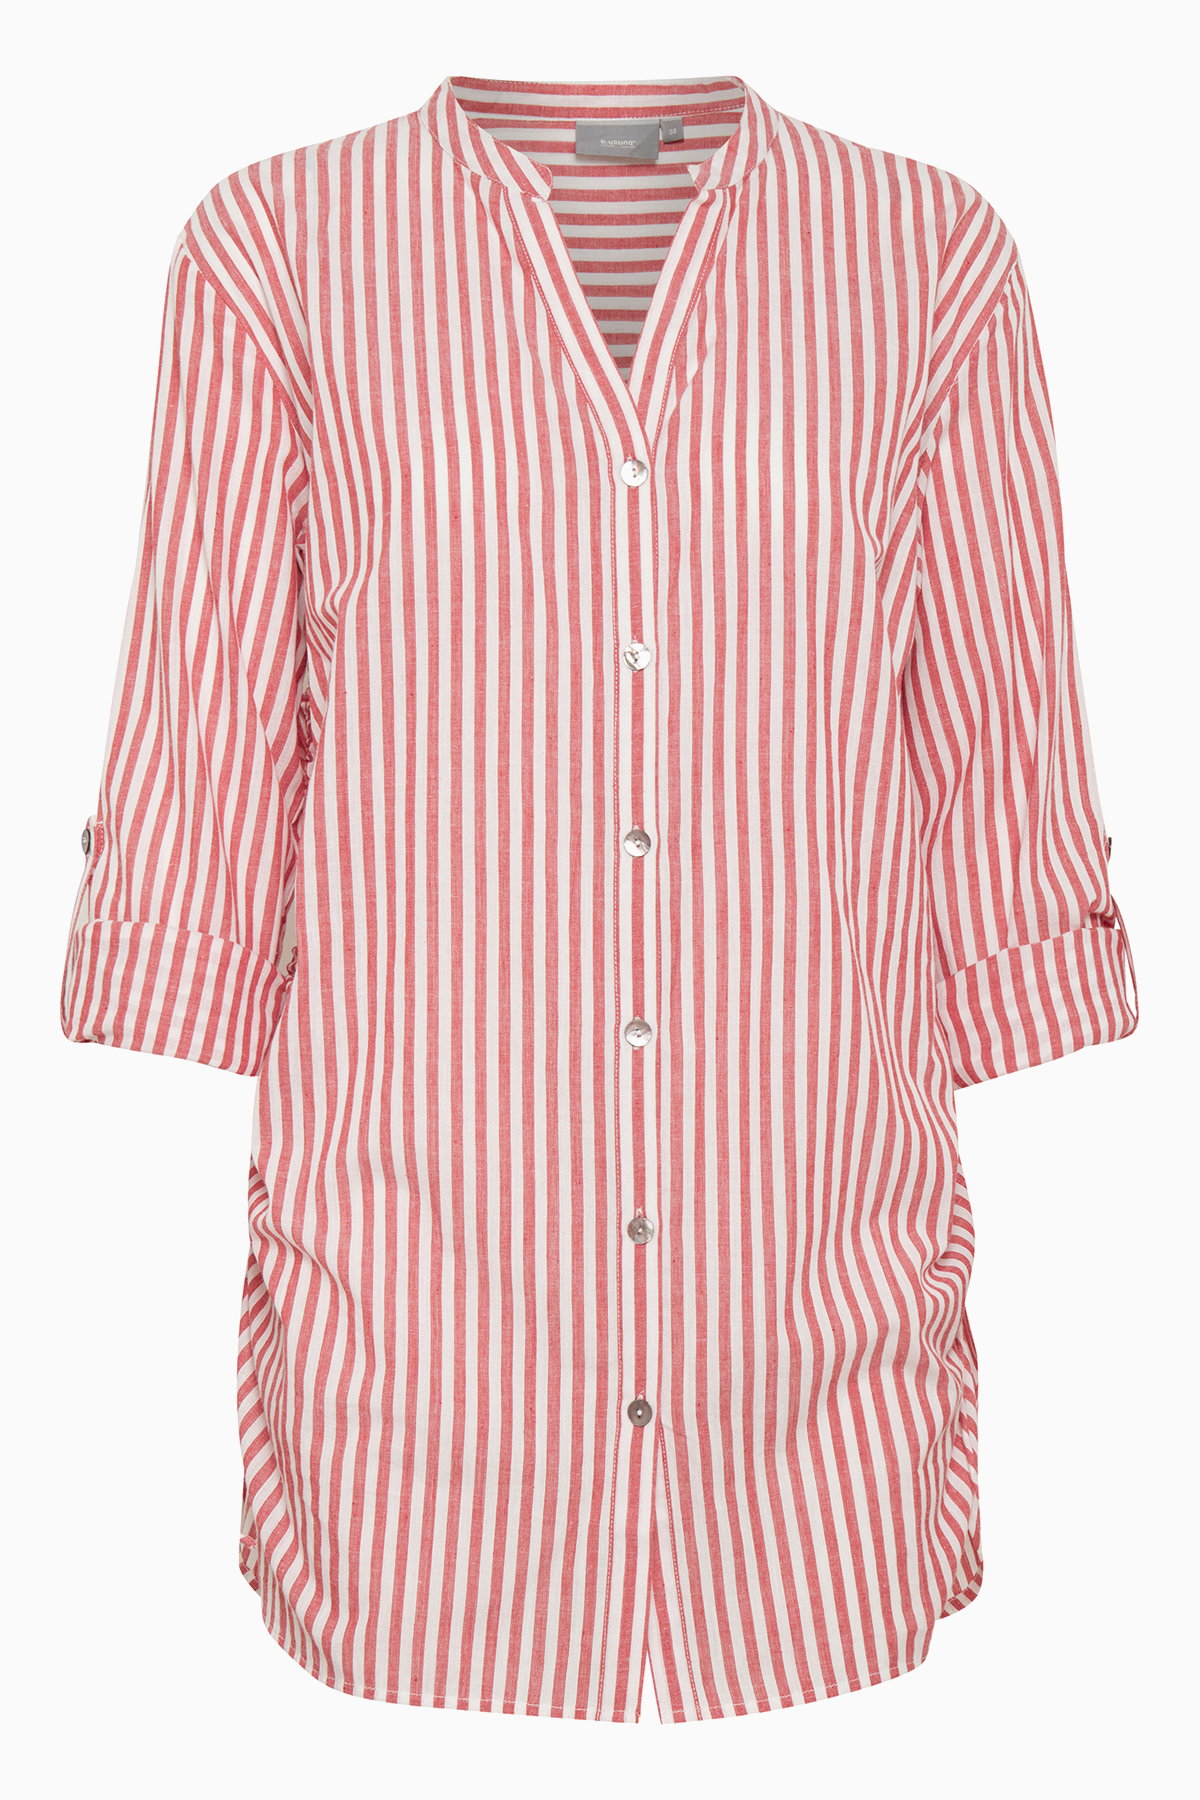 Image of   b.young Dame Blød og behagelig 100% bomuldsskjorte - Hvid/rød